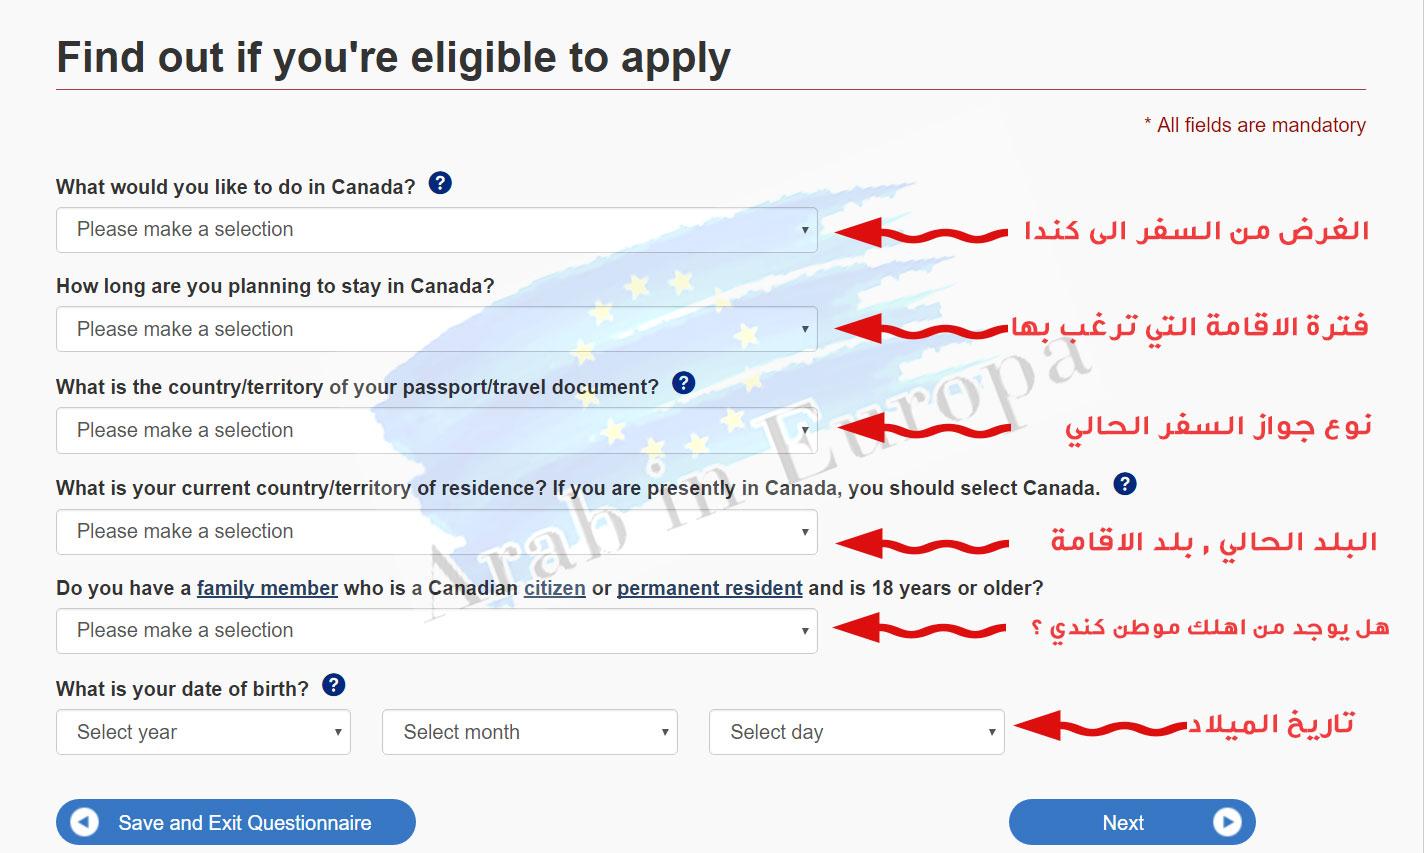 التسجيل-في-الهجرة-الى-كندا-2017---1 هجرة كندا اون لاين لعام 2017